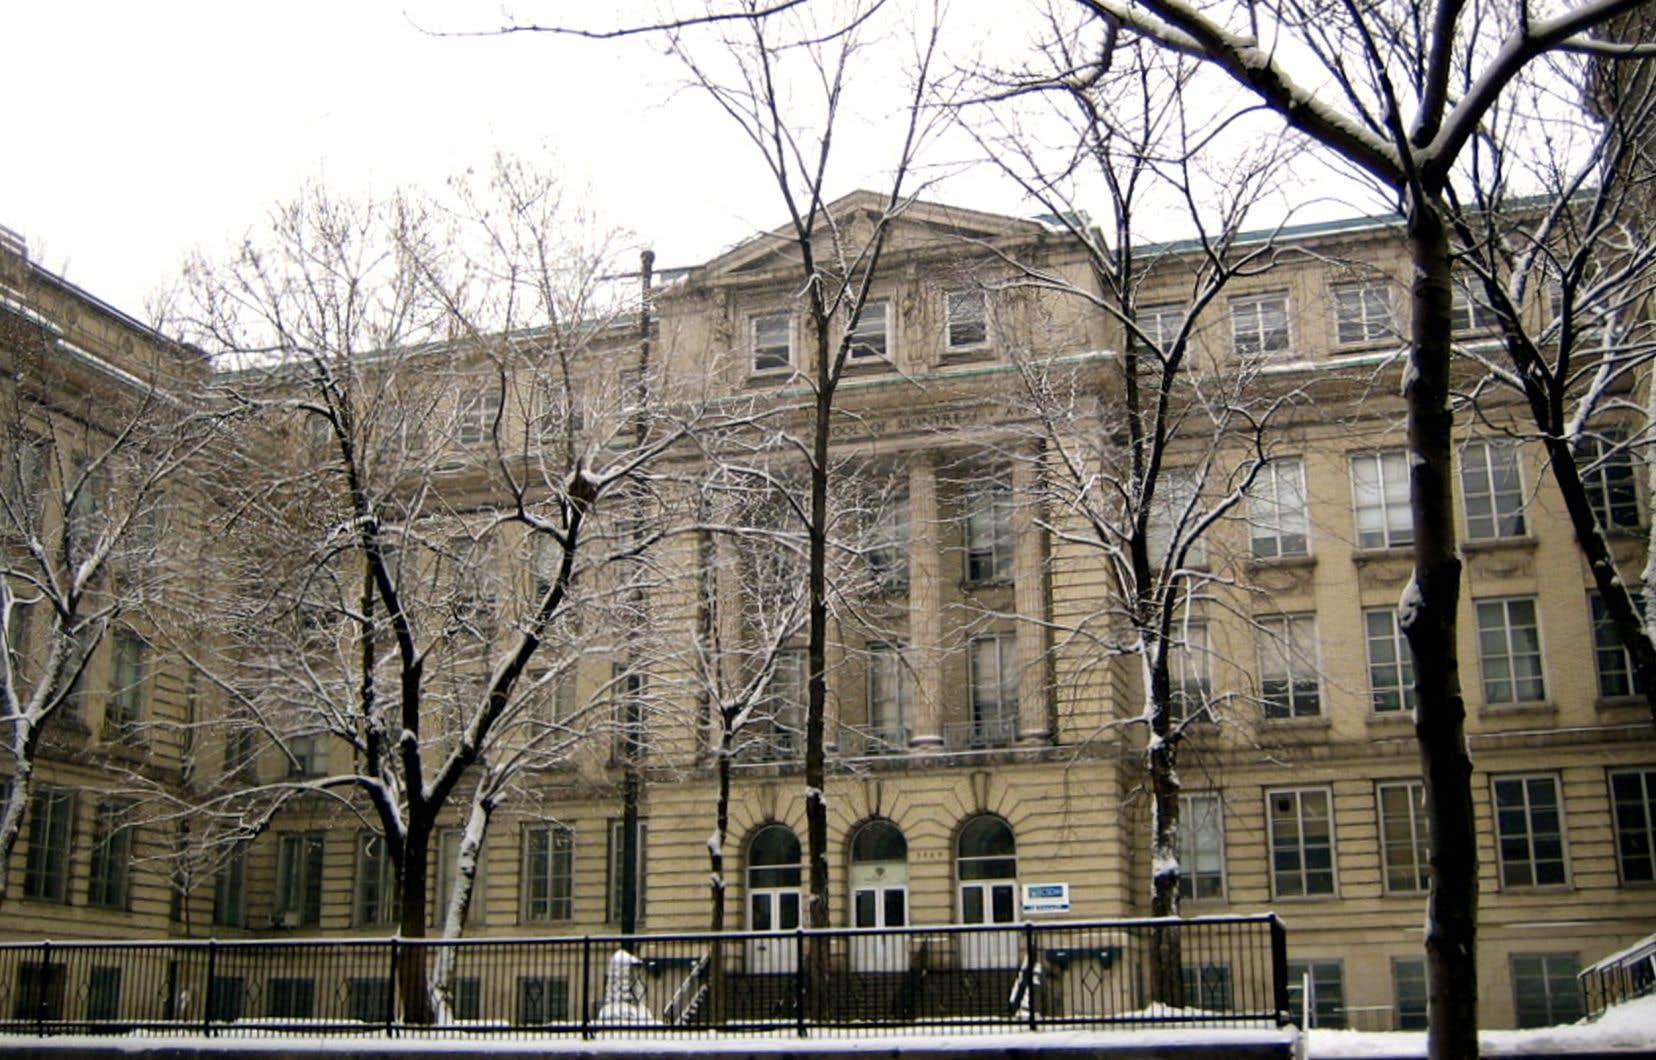 L'édifice patrimonial abritant l'école publique à vocation artistique se détériore à petit feu depuis plusieurs années.